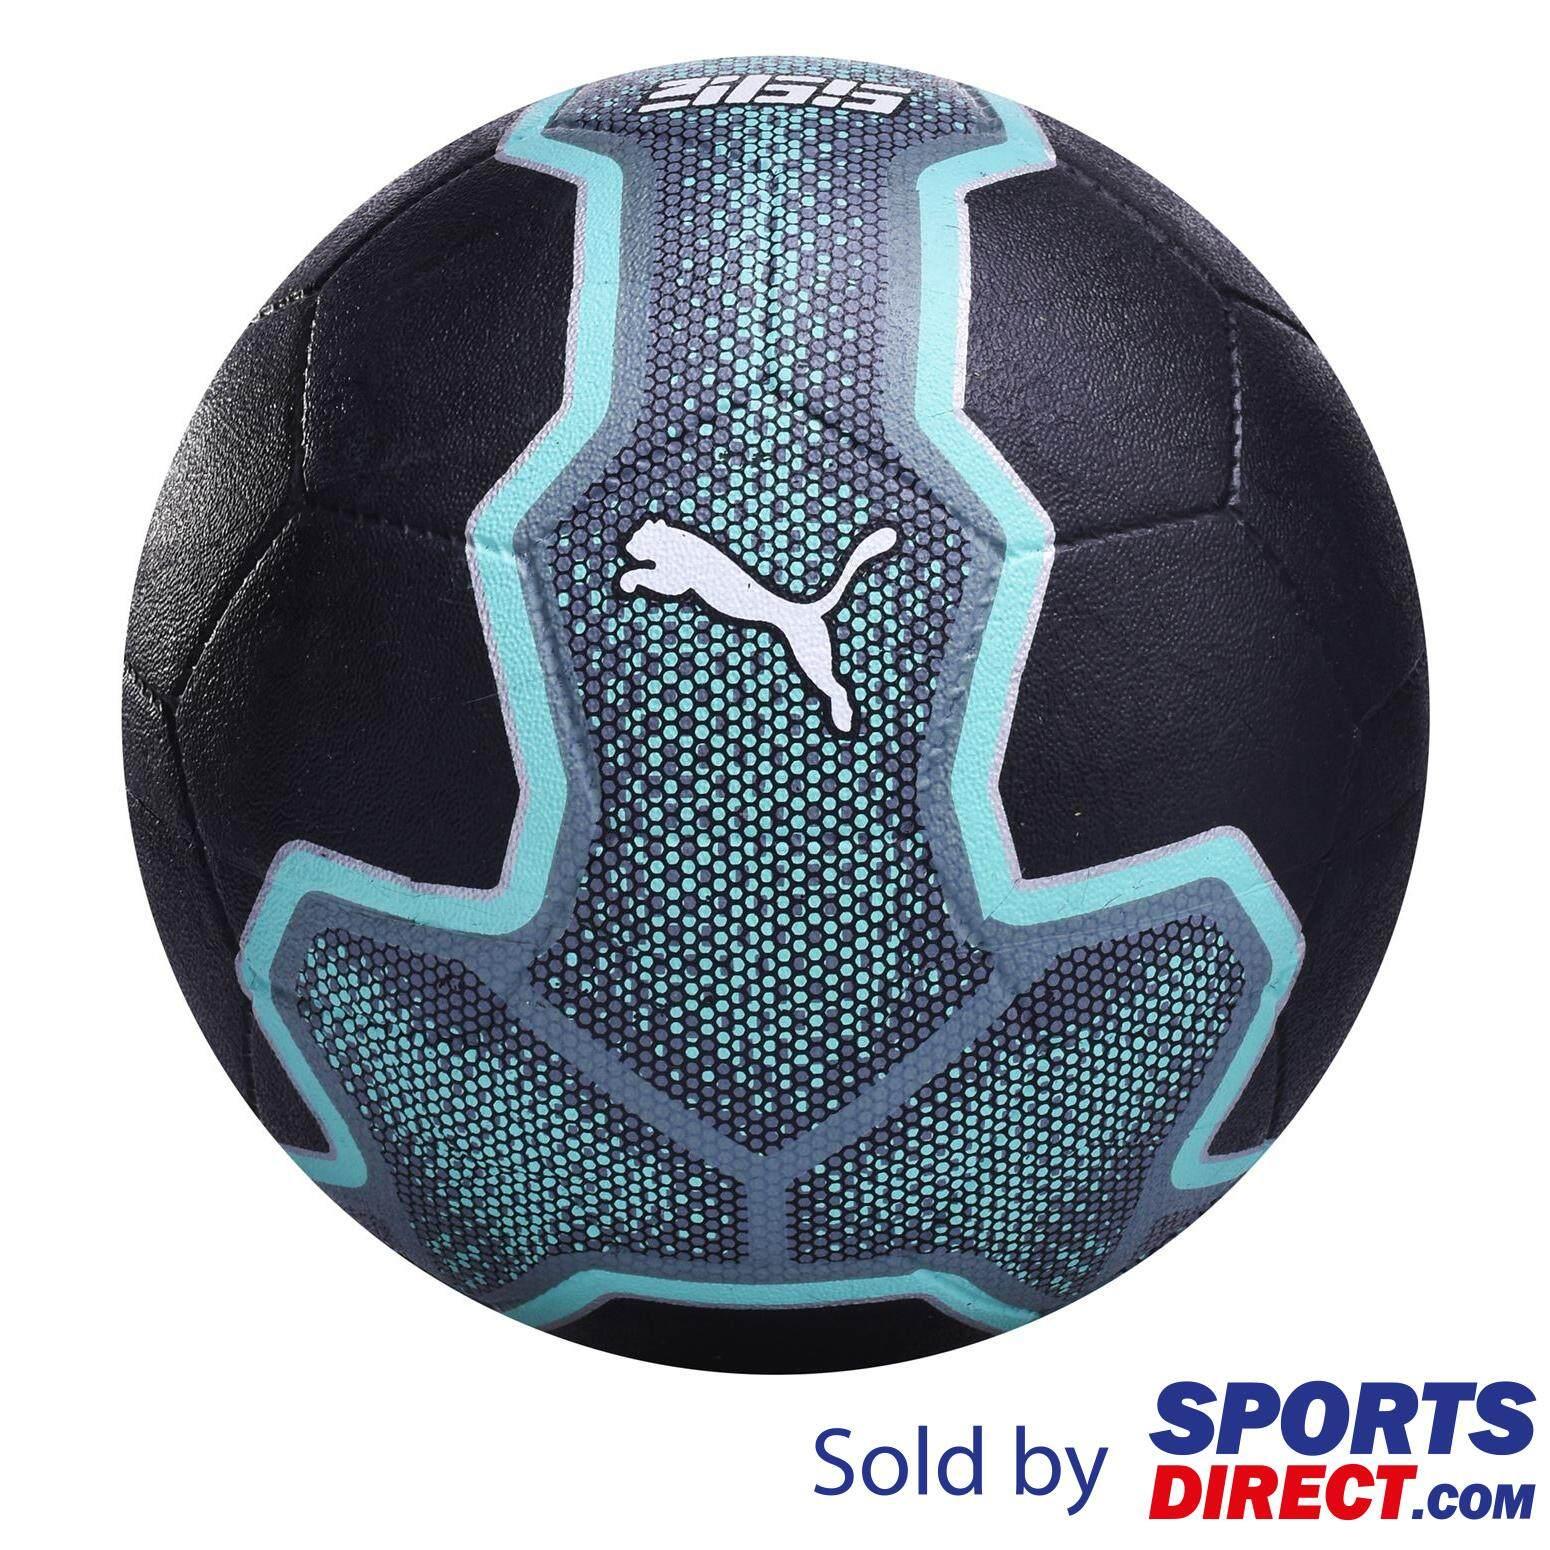 fed416610263 Puma Unisex 365 Hybrid Size 5 Football (Blk Bsc Grn Wht)